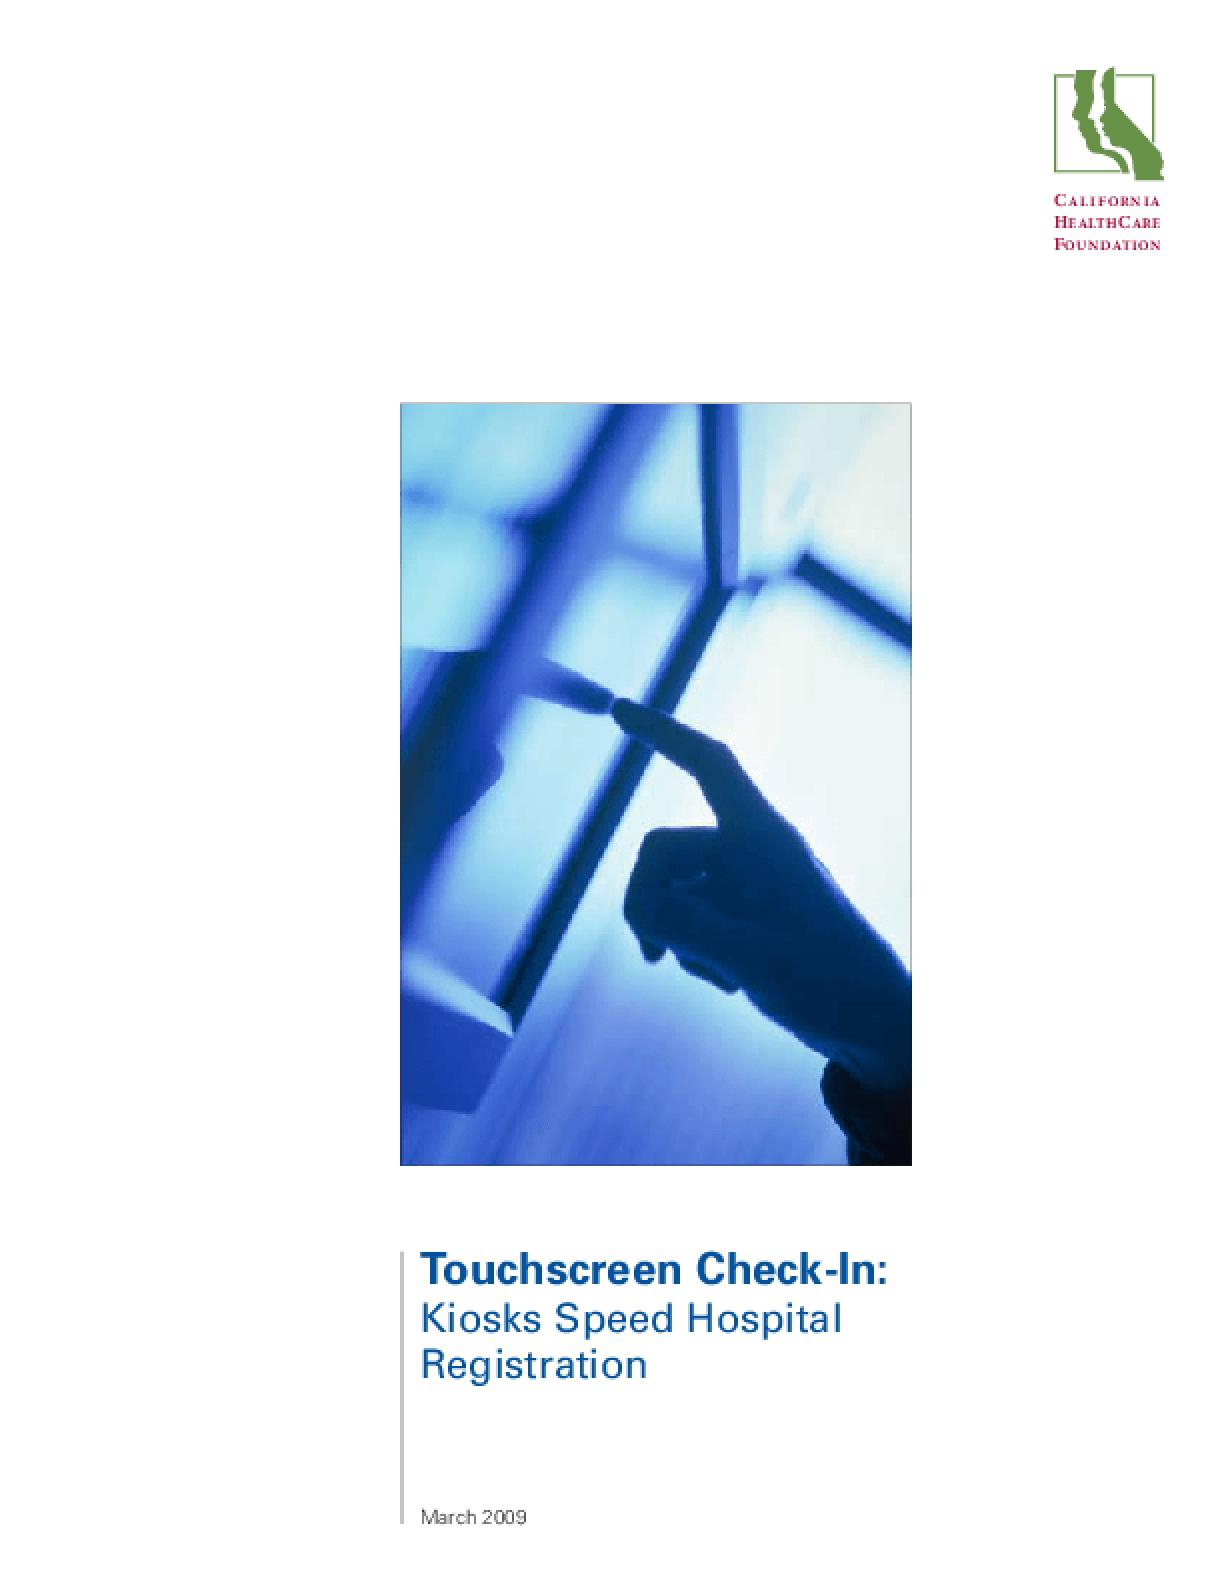 Touchscreen Check-In: Kiosks Speed Hospital Registration